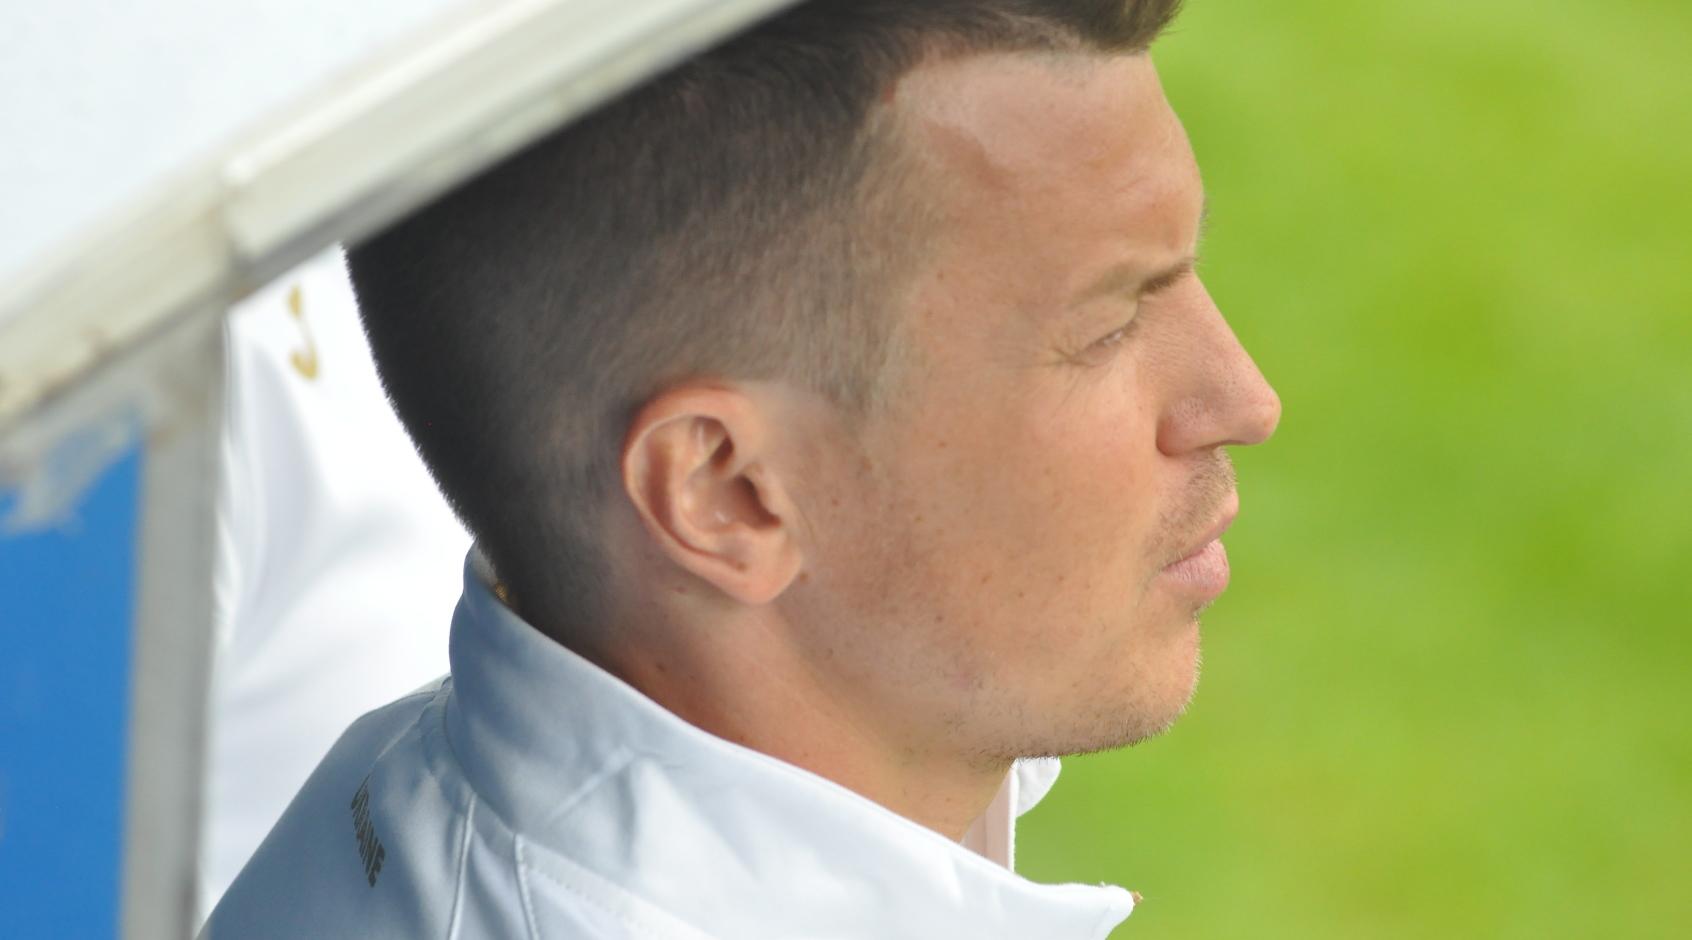 Мемориал Лобановского. Украина U-21 - Узбекистан U-21 0:2. Третьи из трех...